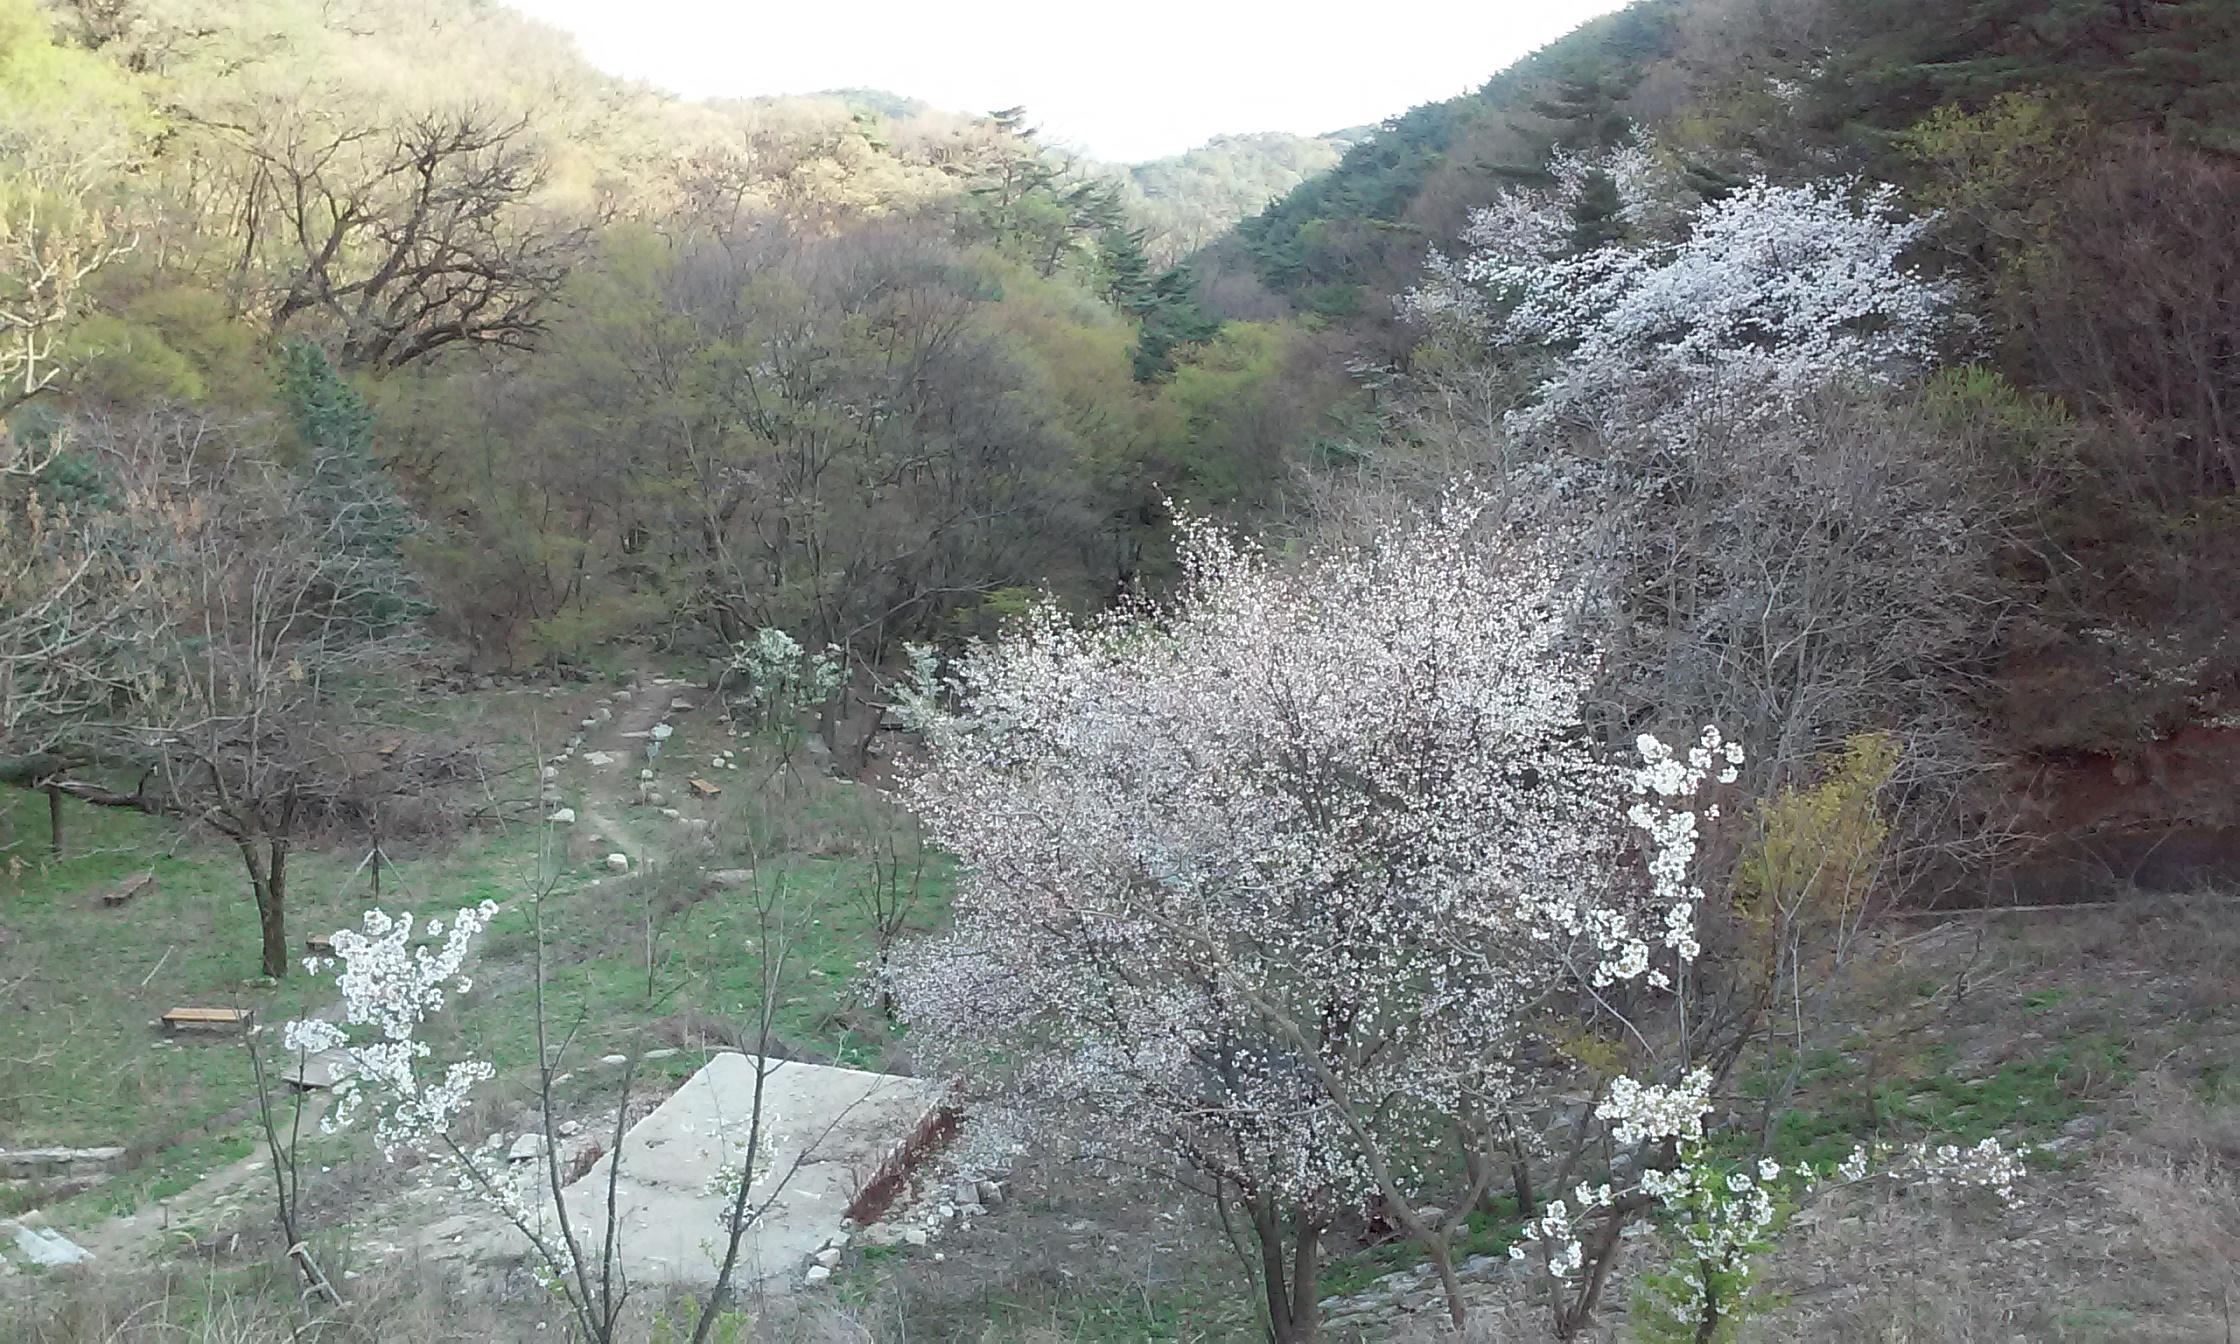 금욜 - 토욜에 거친 일정 서울 대구 부산 서울